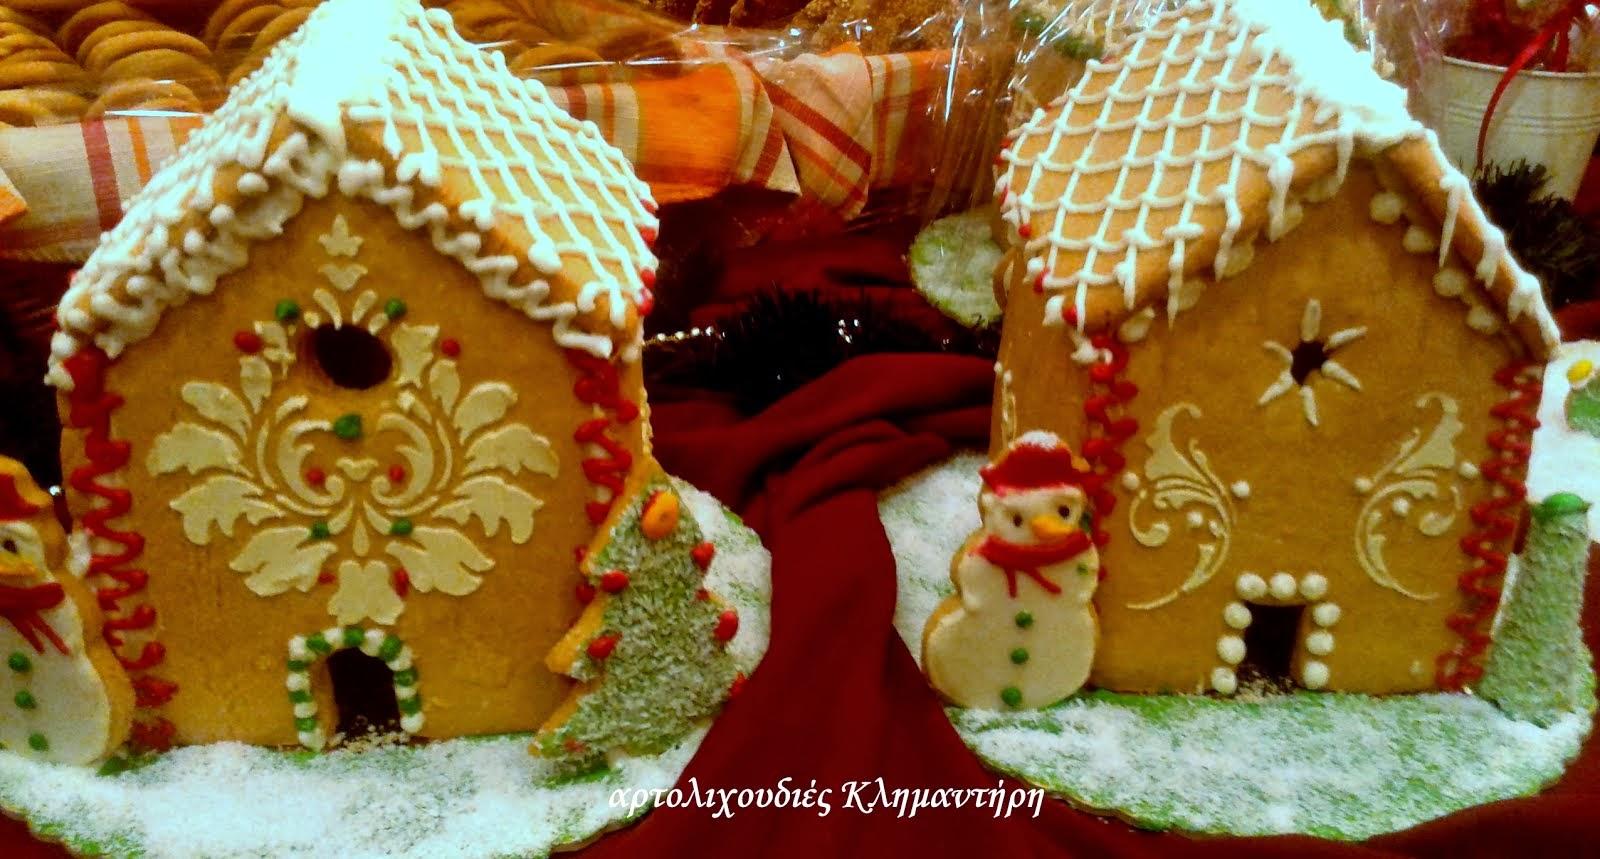 Χριστουγεννιάτικα μπισκοτόσπιτα!